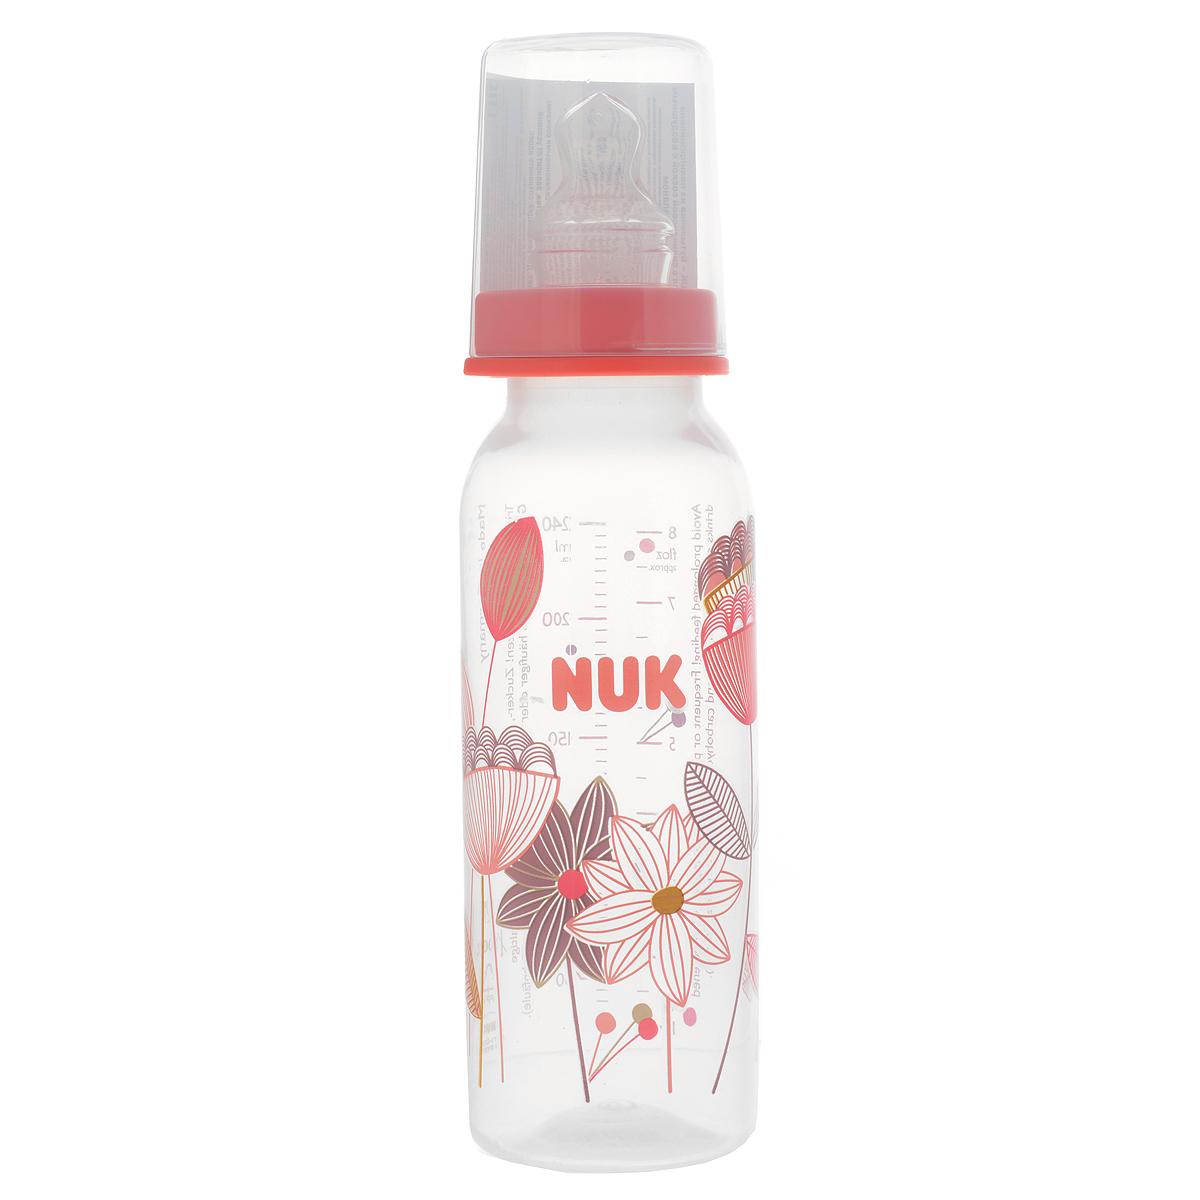 """Бутылочка для кормления """"NUK"""", с силиконовой соской, от 0 до 6 месяцев, цвет: розовый, 240 мл 10741419_розовый"""